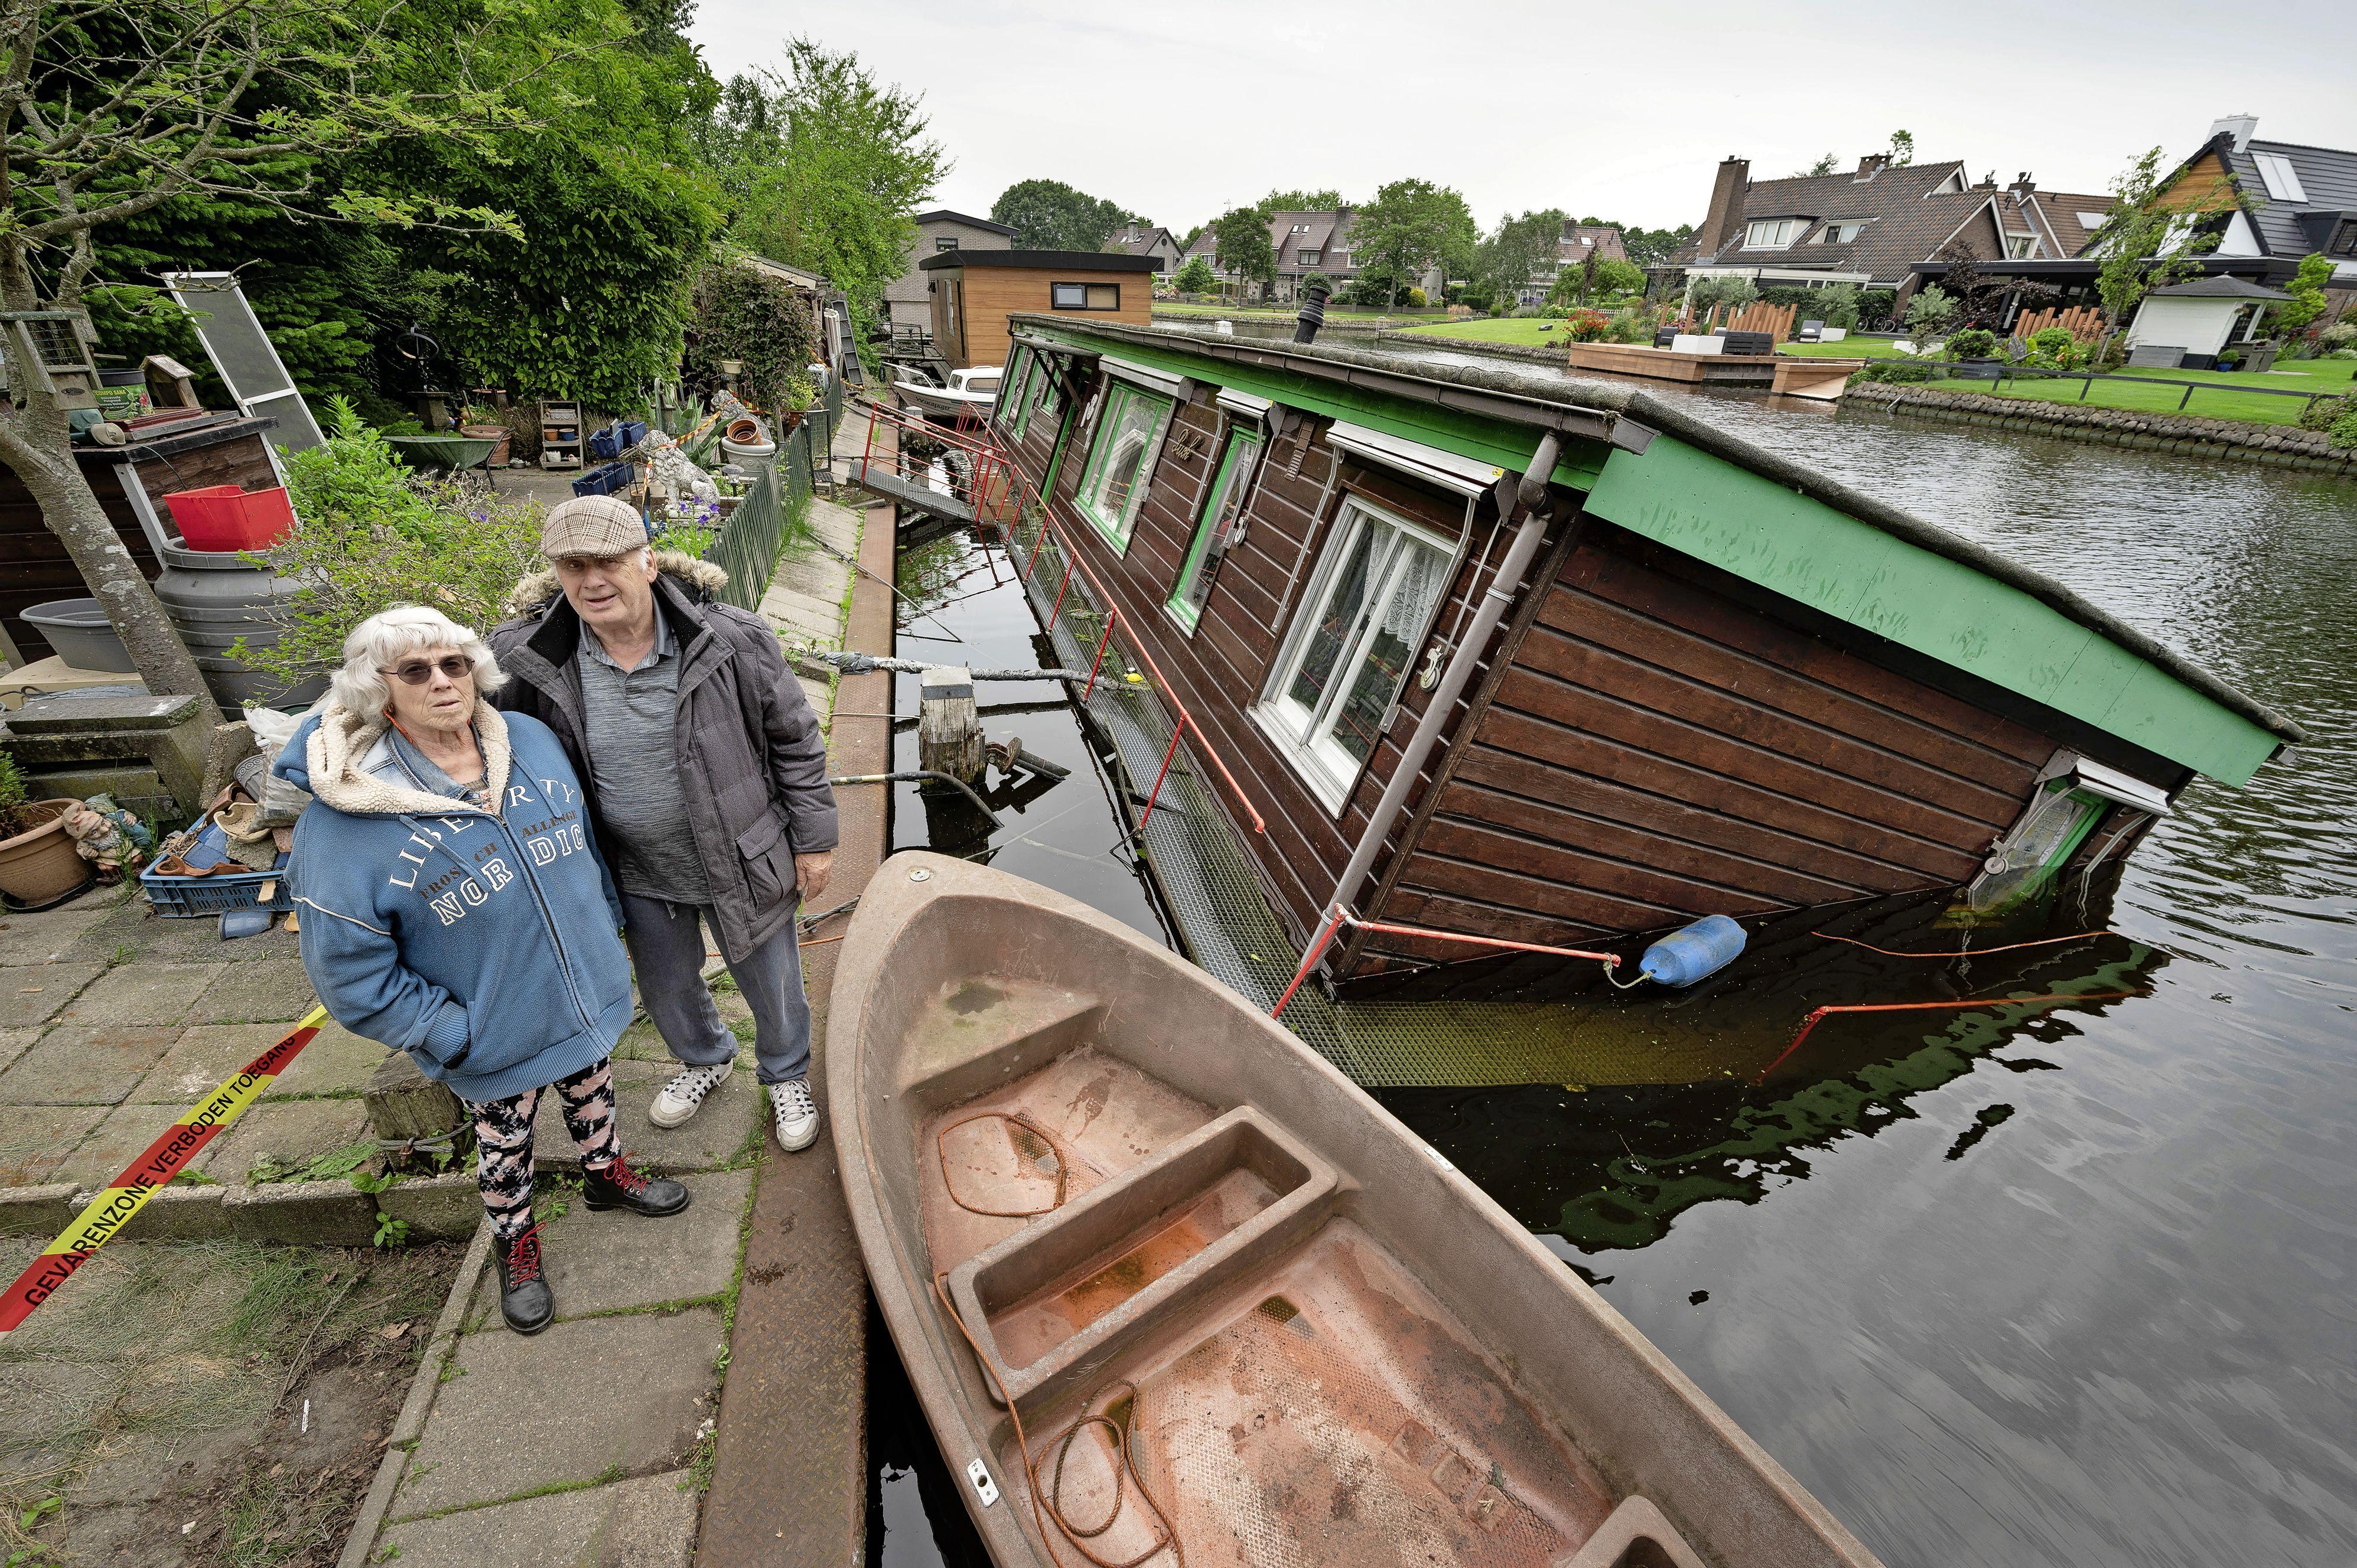 Wim (81) en Elly (74) Verhart uit Katwijk 'hebben niets meer' na het wegzakken van hun droomboot